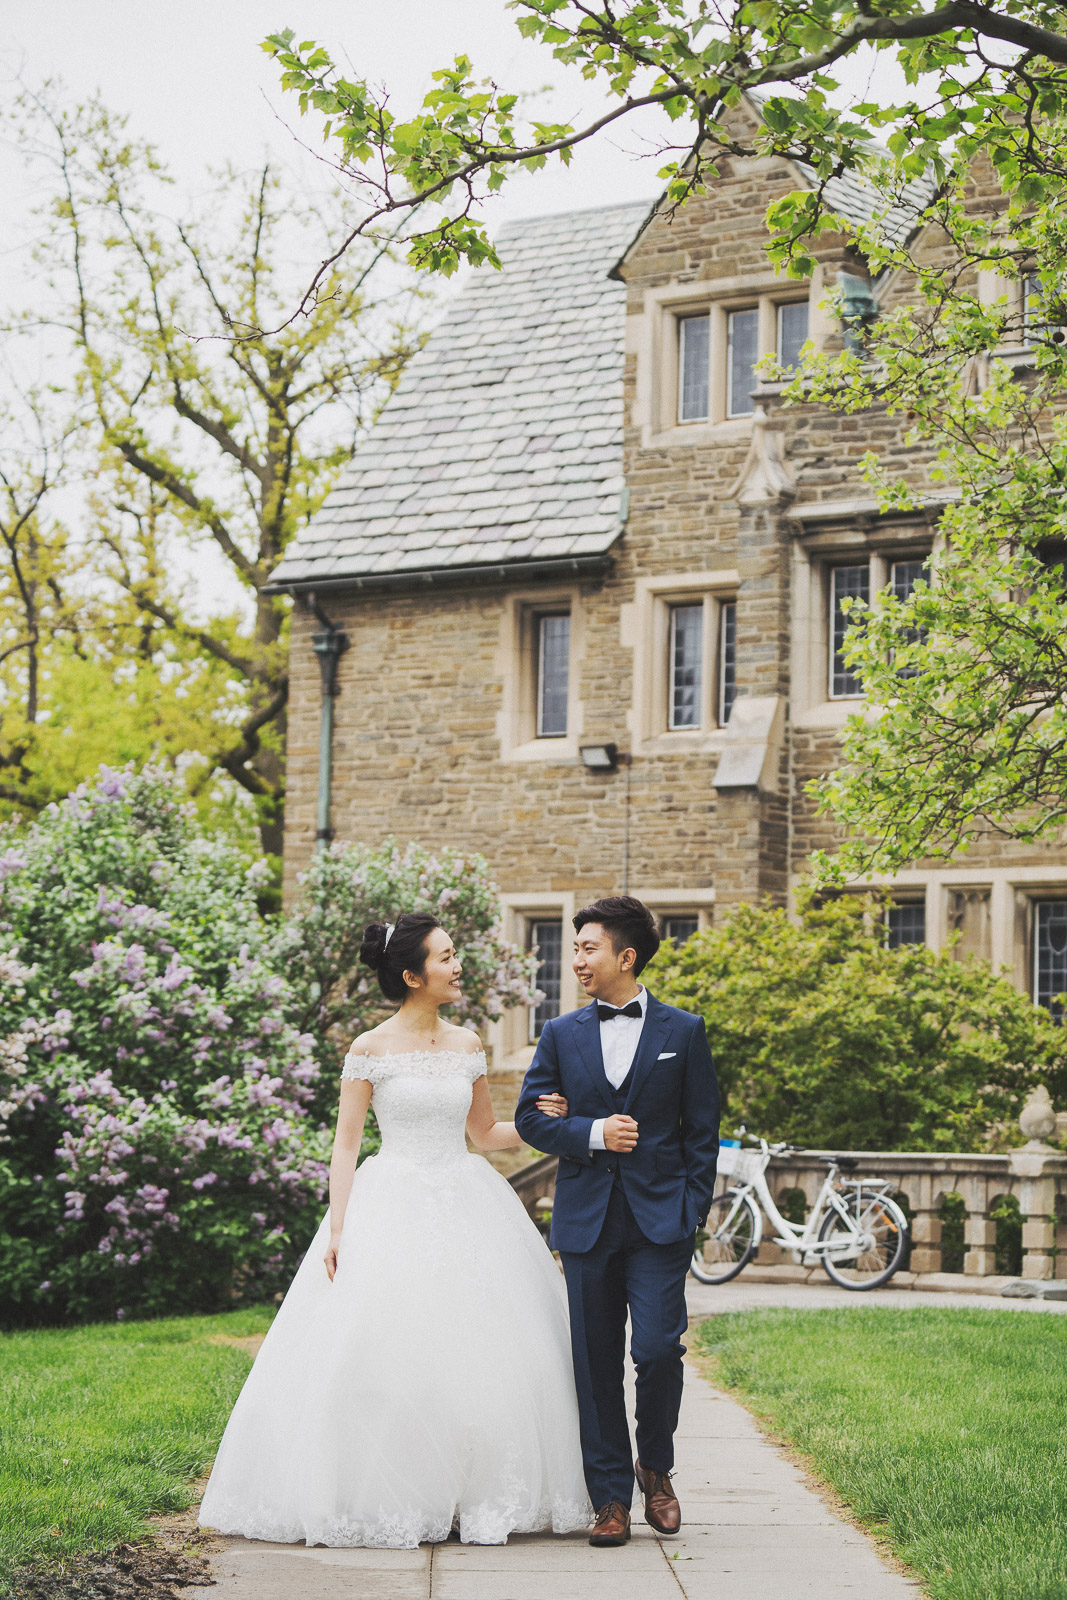 康乃爾大學校友婚紗